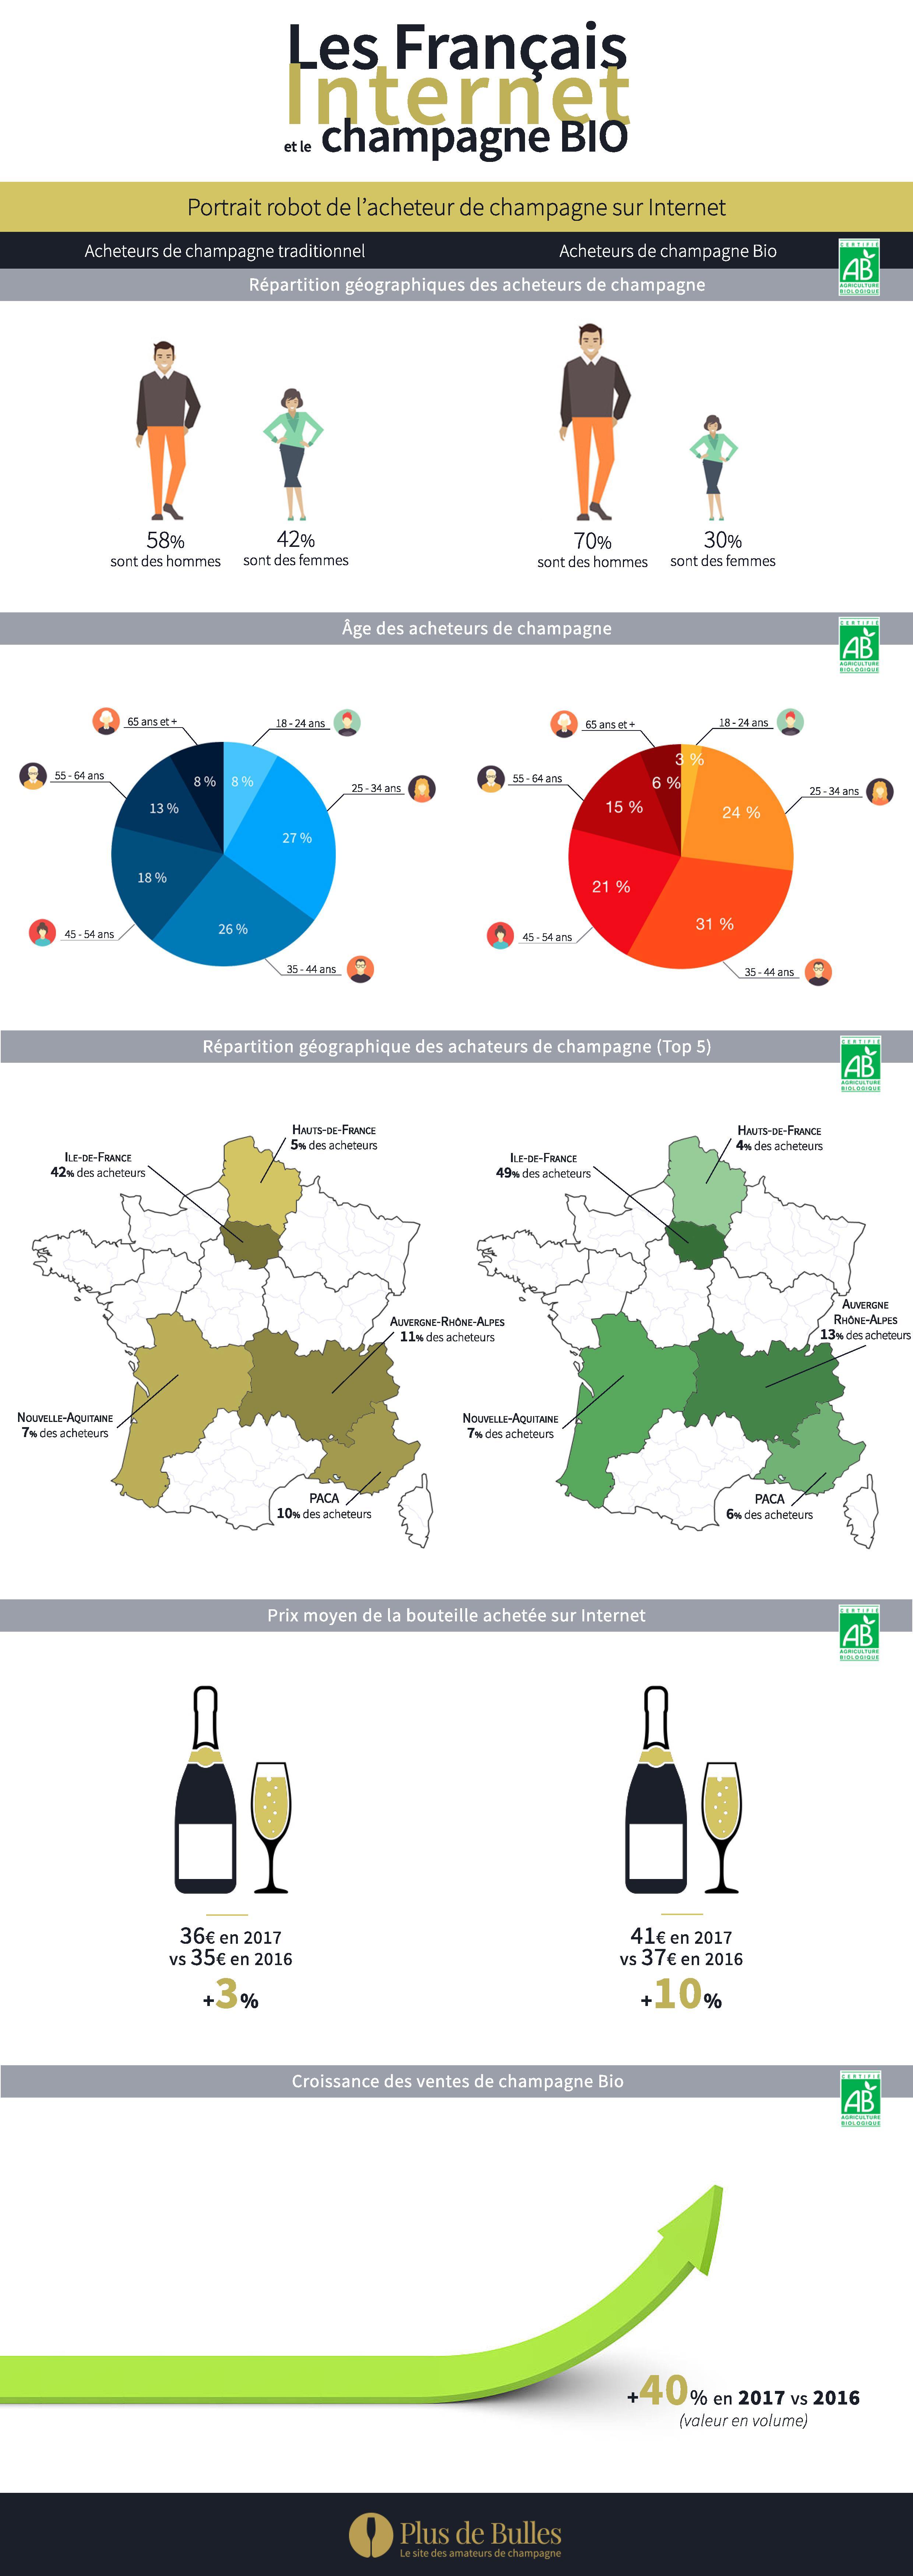 Infographie sur le champagne BIO